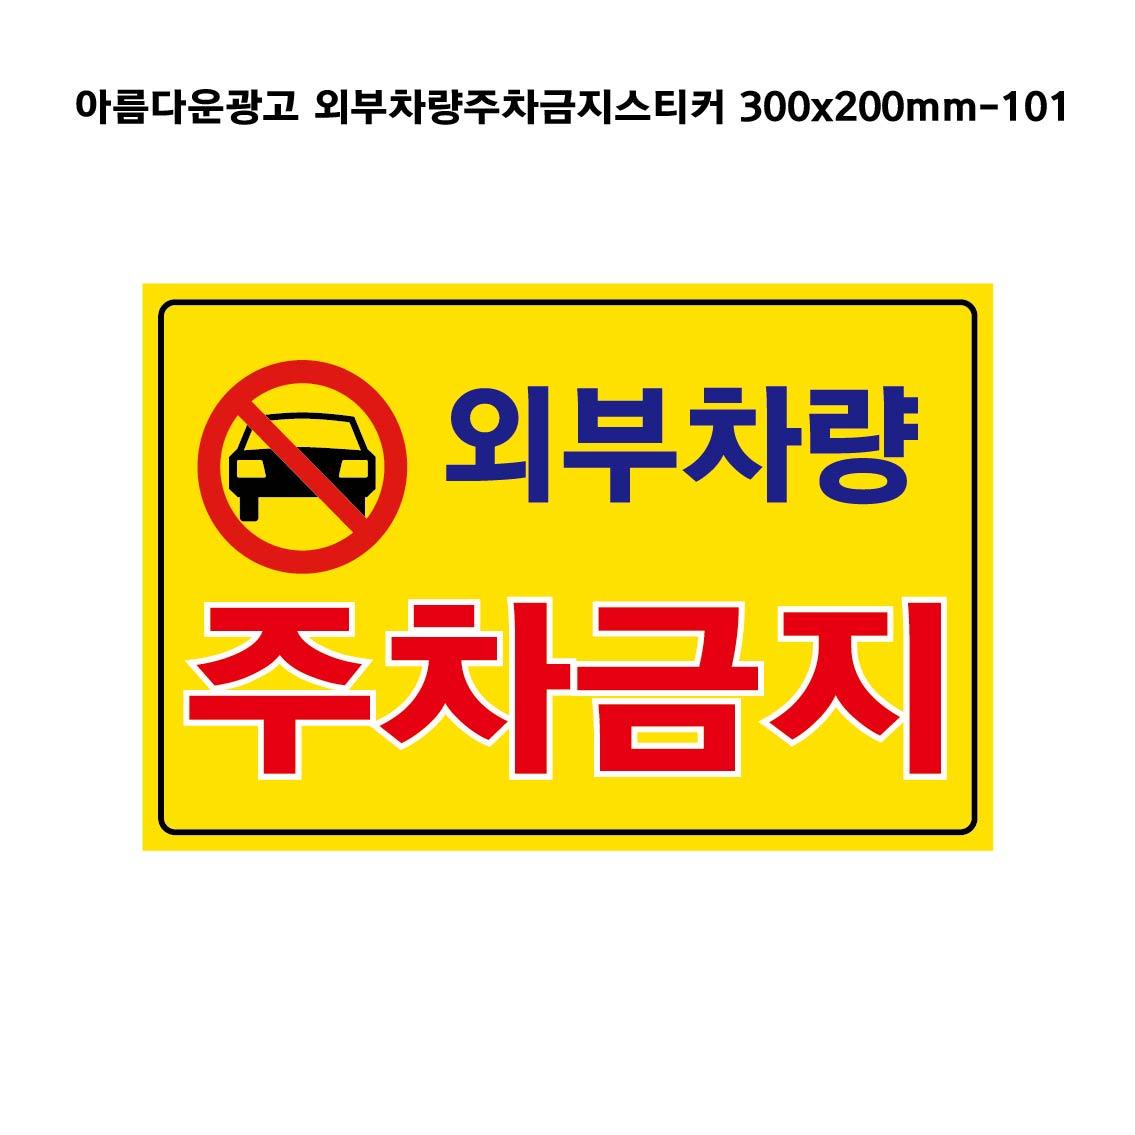 아름다운광고 주차금지스티커 외부차량주차금지스티커, 1개, 외부차량주차금지 (POP 83427038)